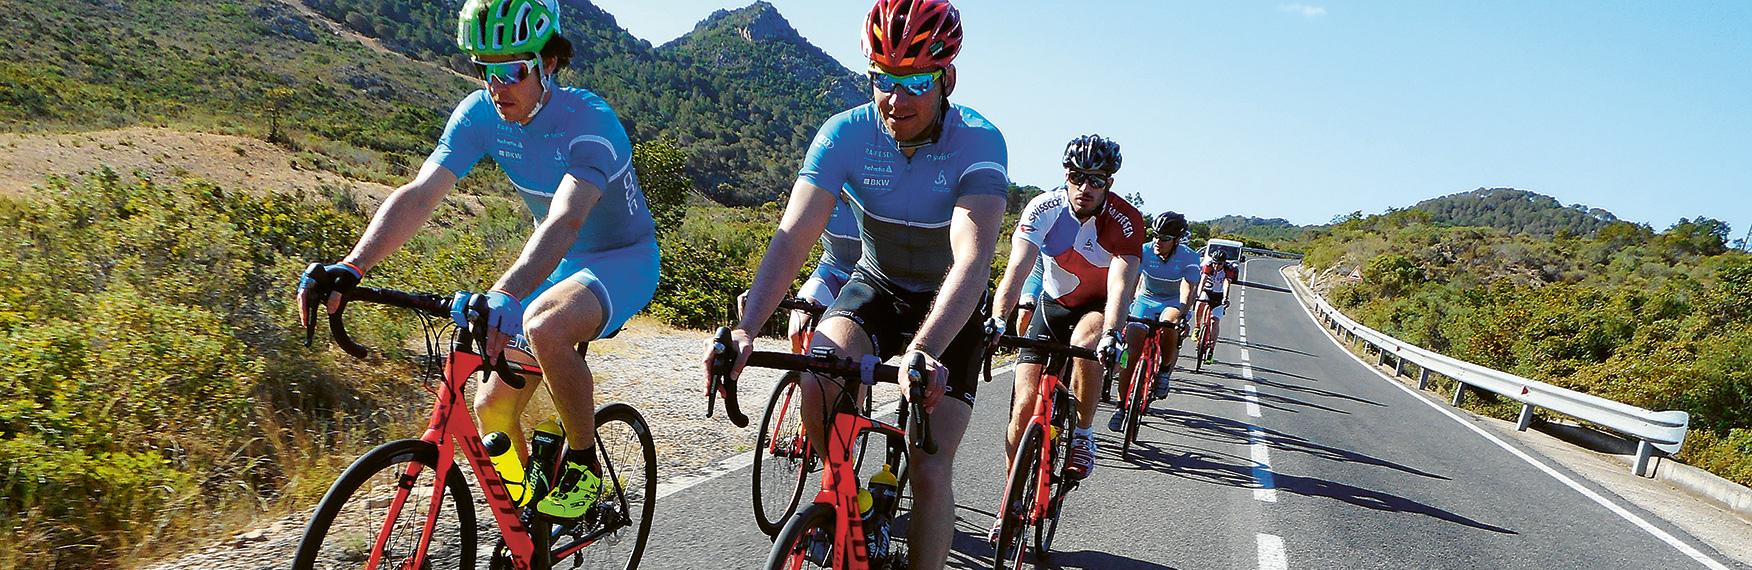 gruppenreise sardinien bici